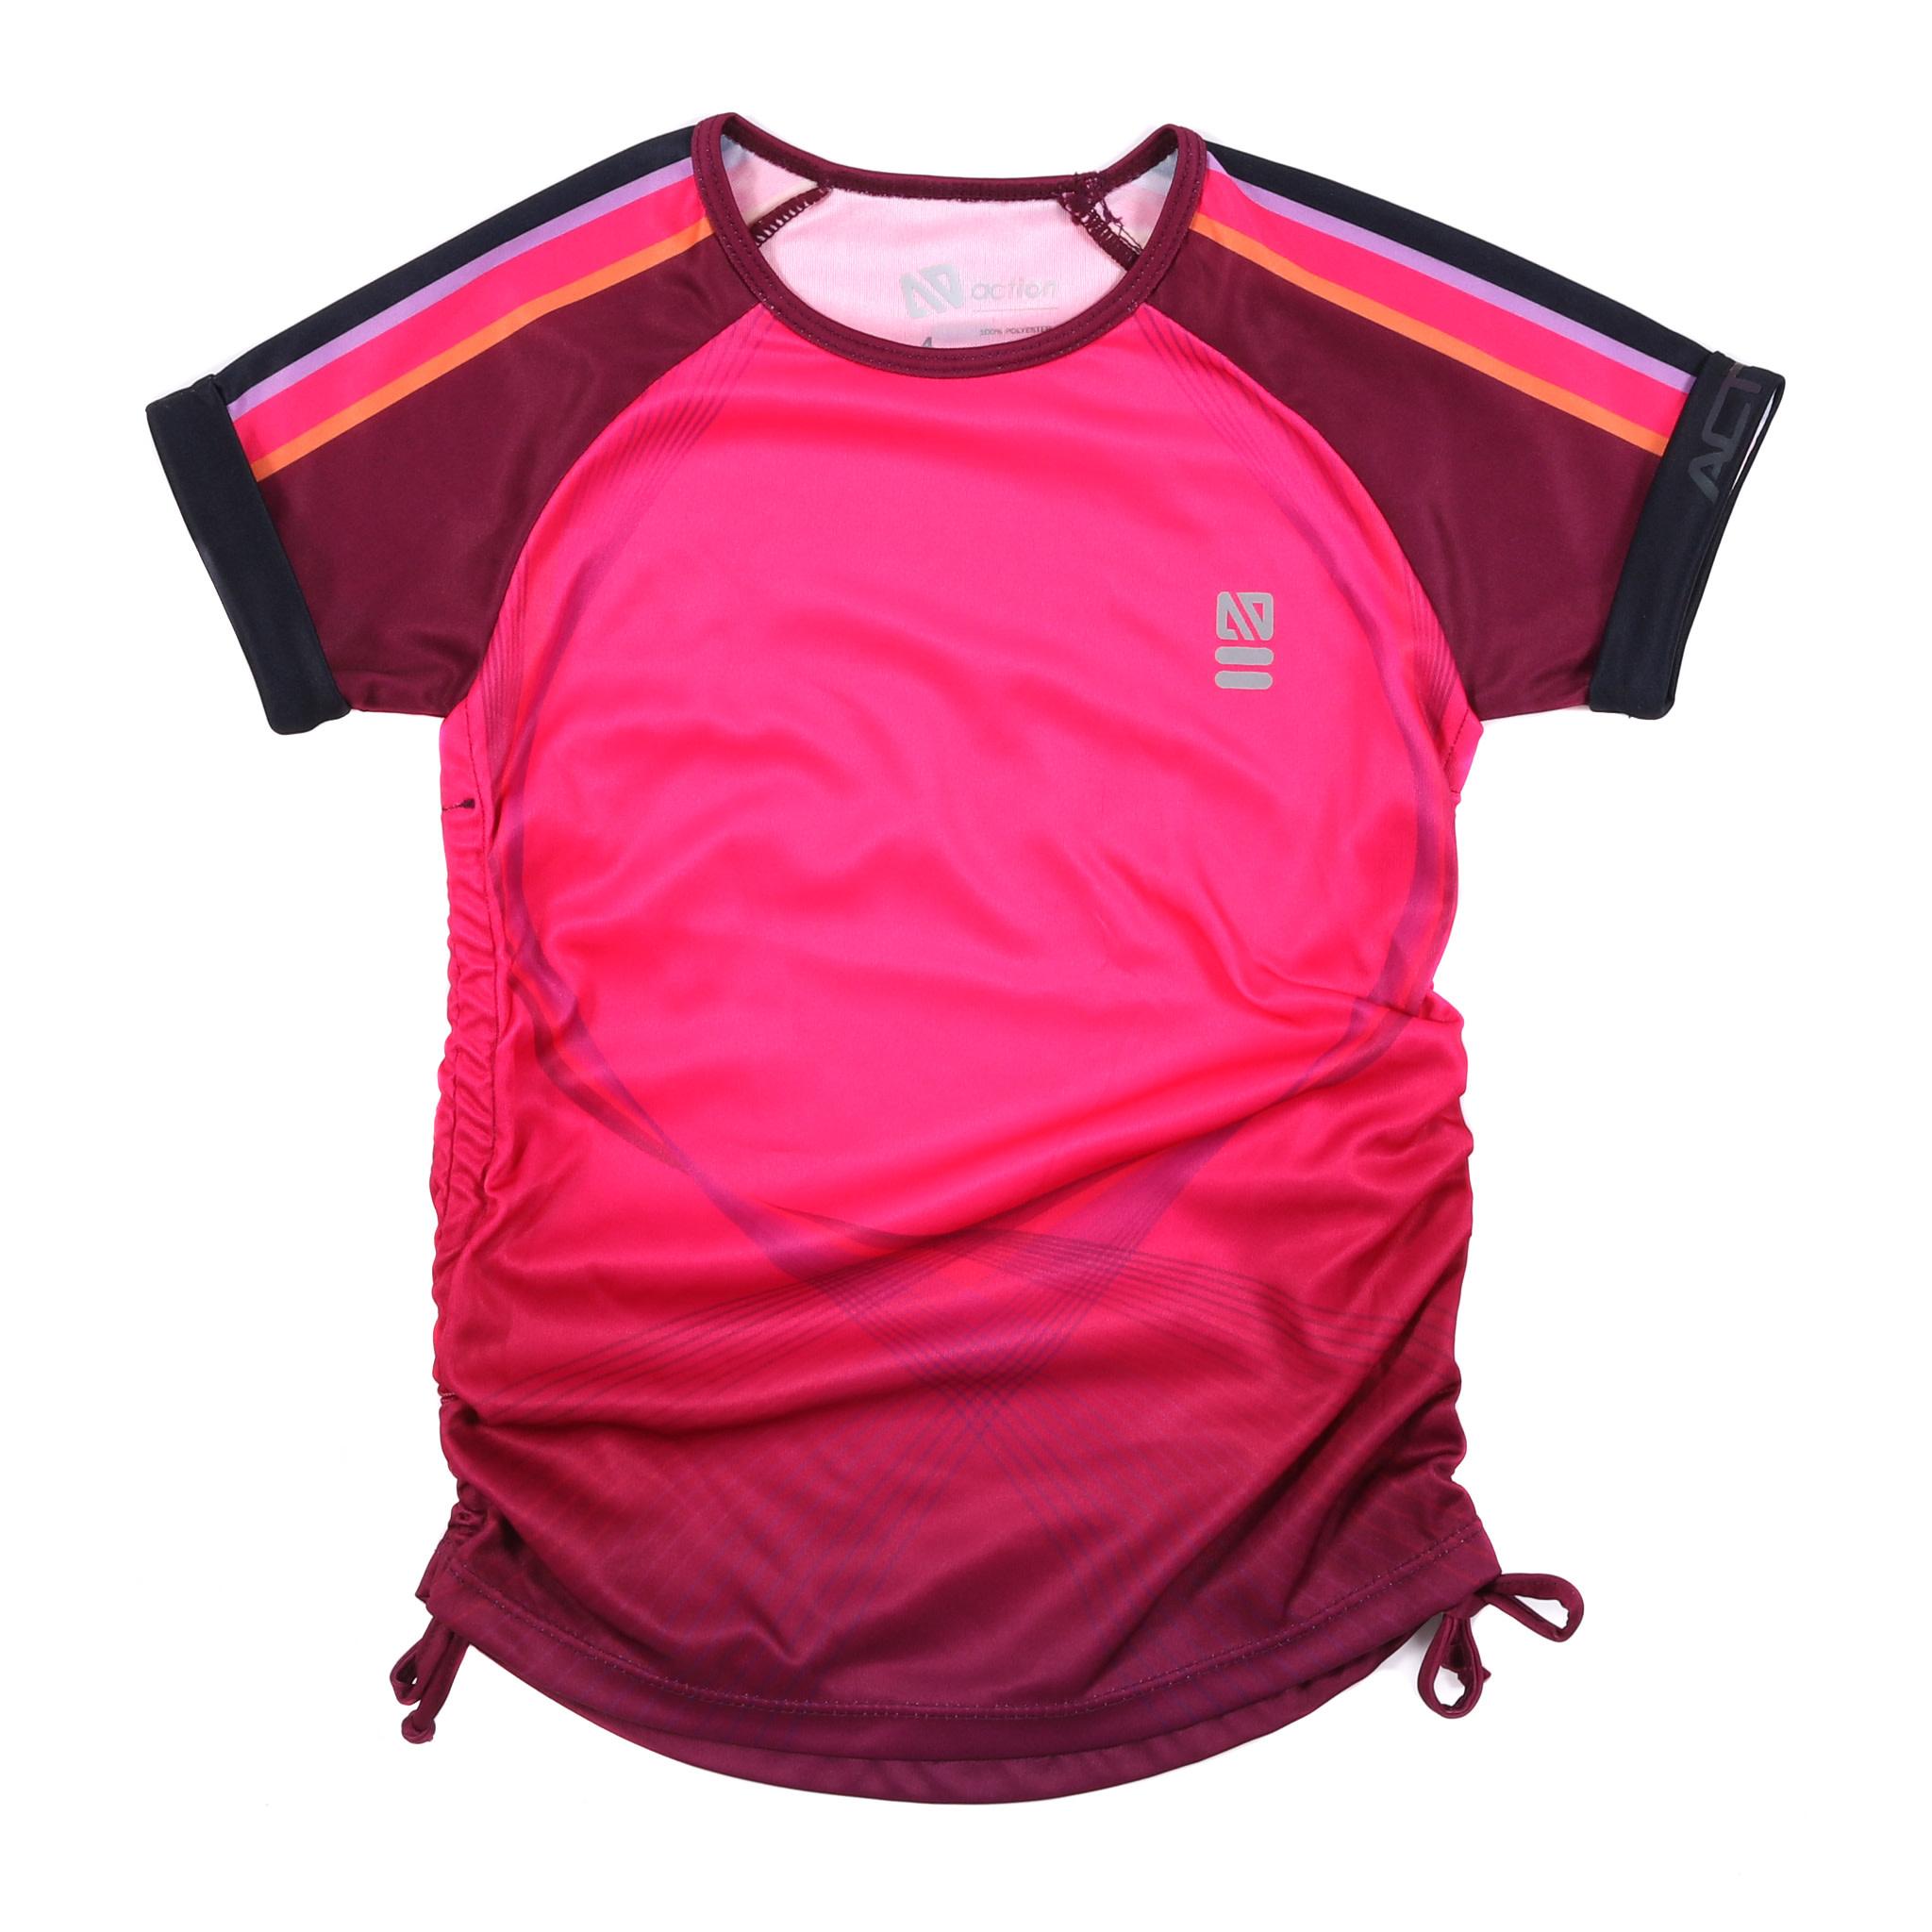 T-shirt athlétique - Sport et Chic-5